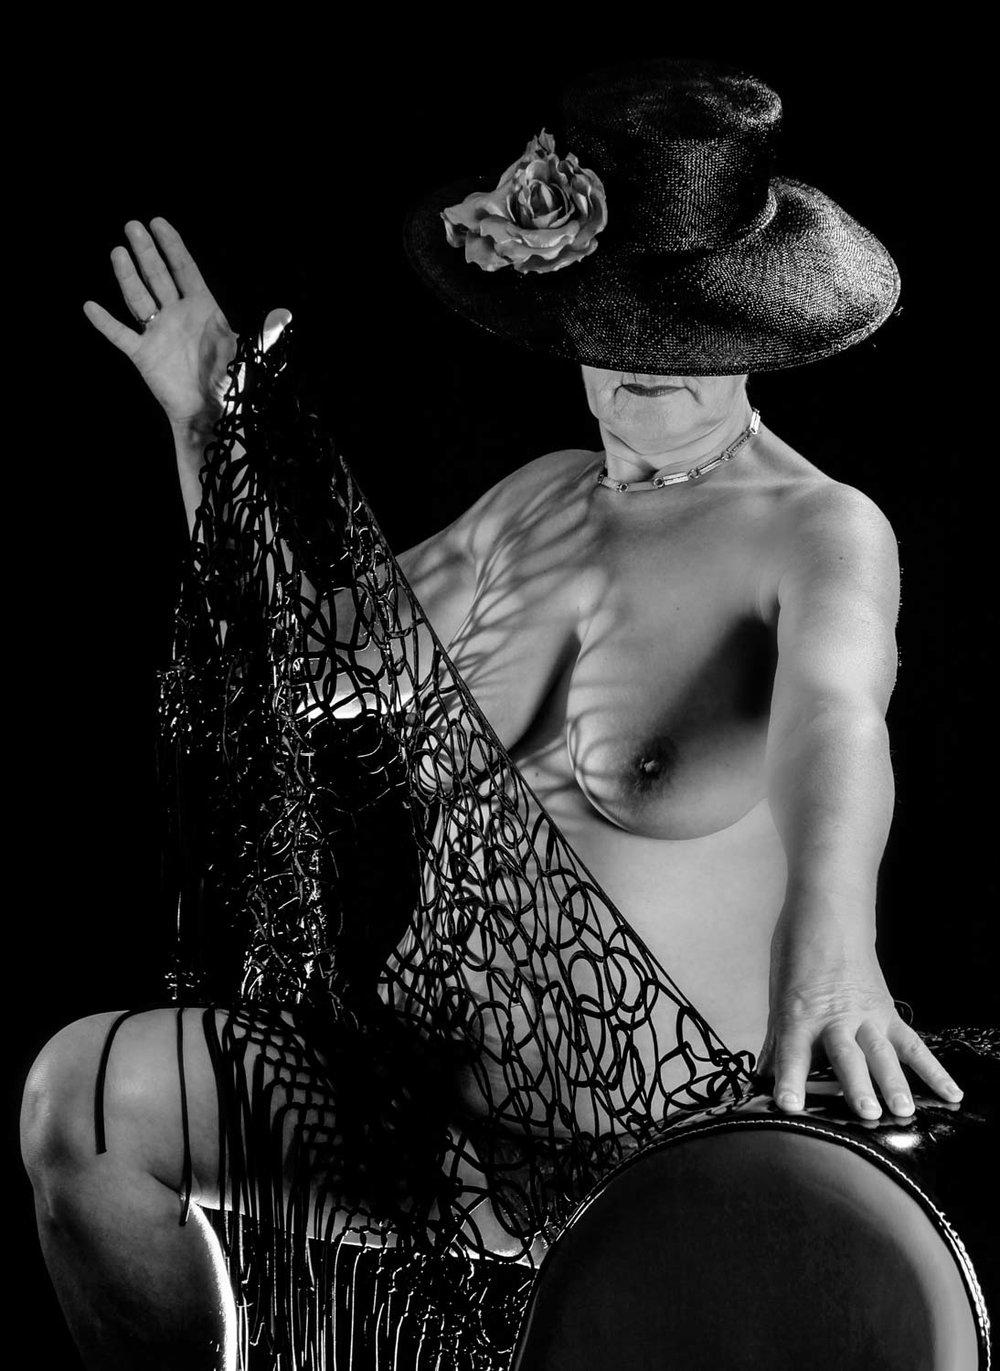 Smartfocus-glamour-naakt-erotische-fotoshoot-oudere-vrouw.jpg